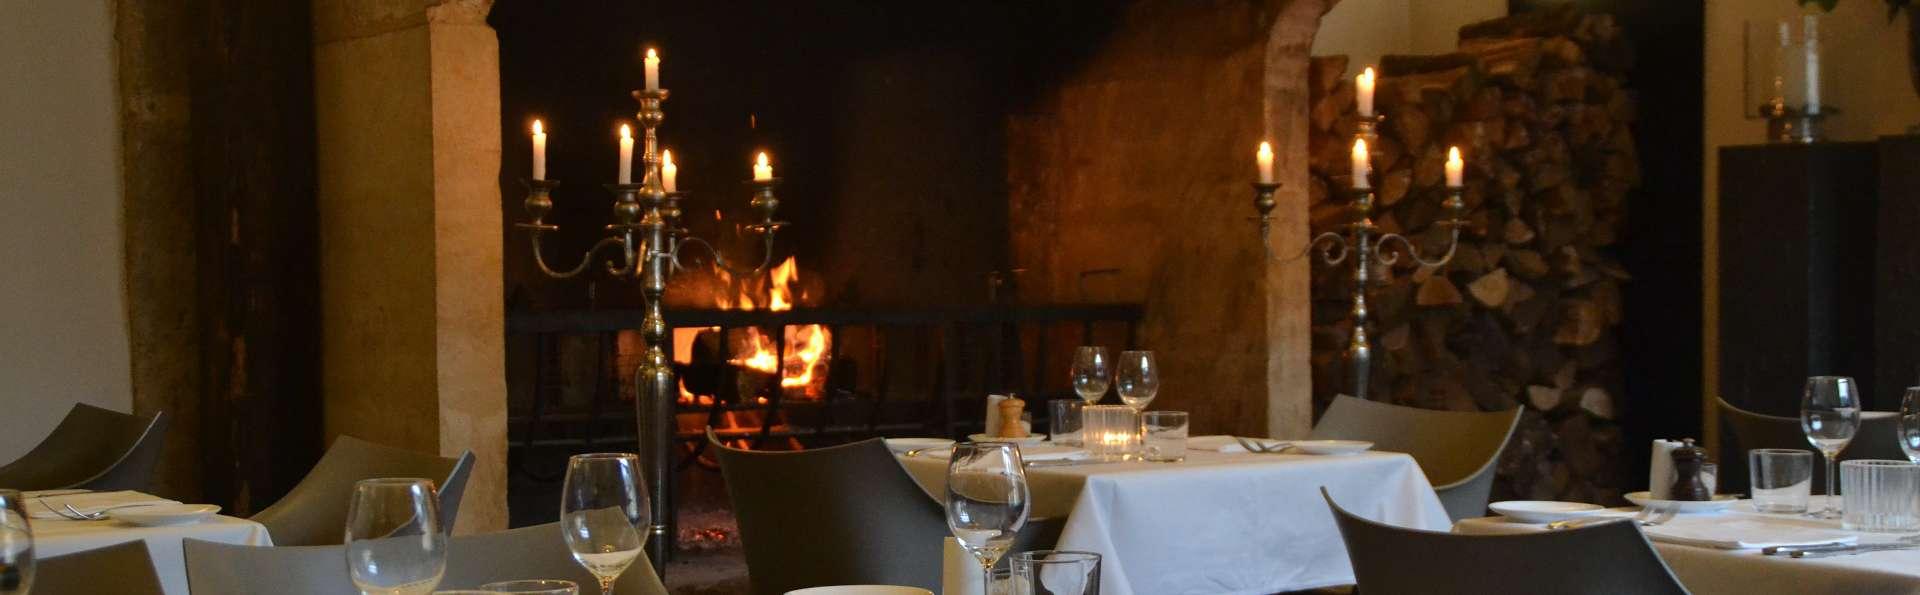 Expérience gastronomique dans un luxueux château près de Bergerac